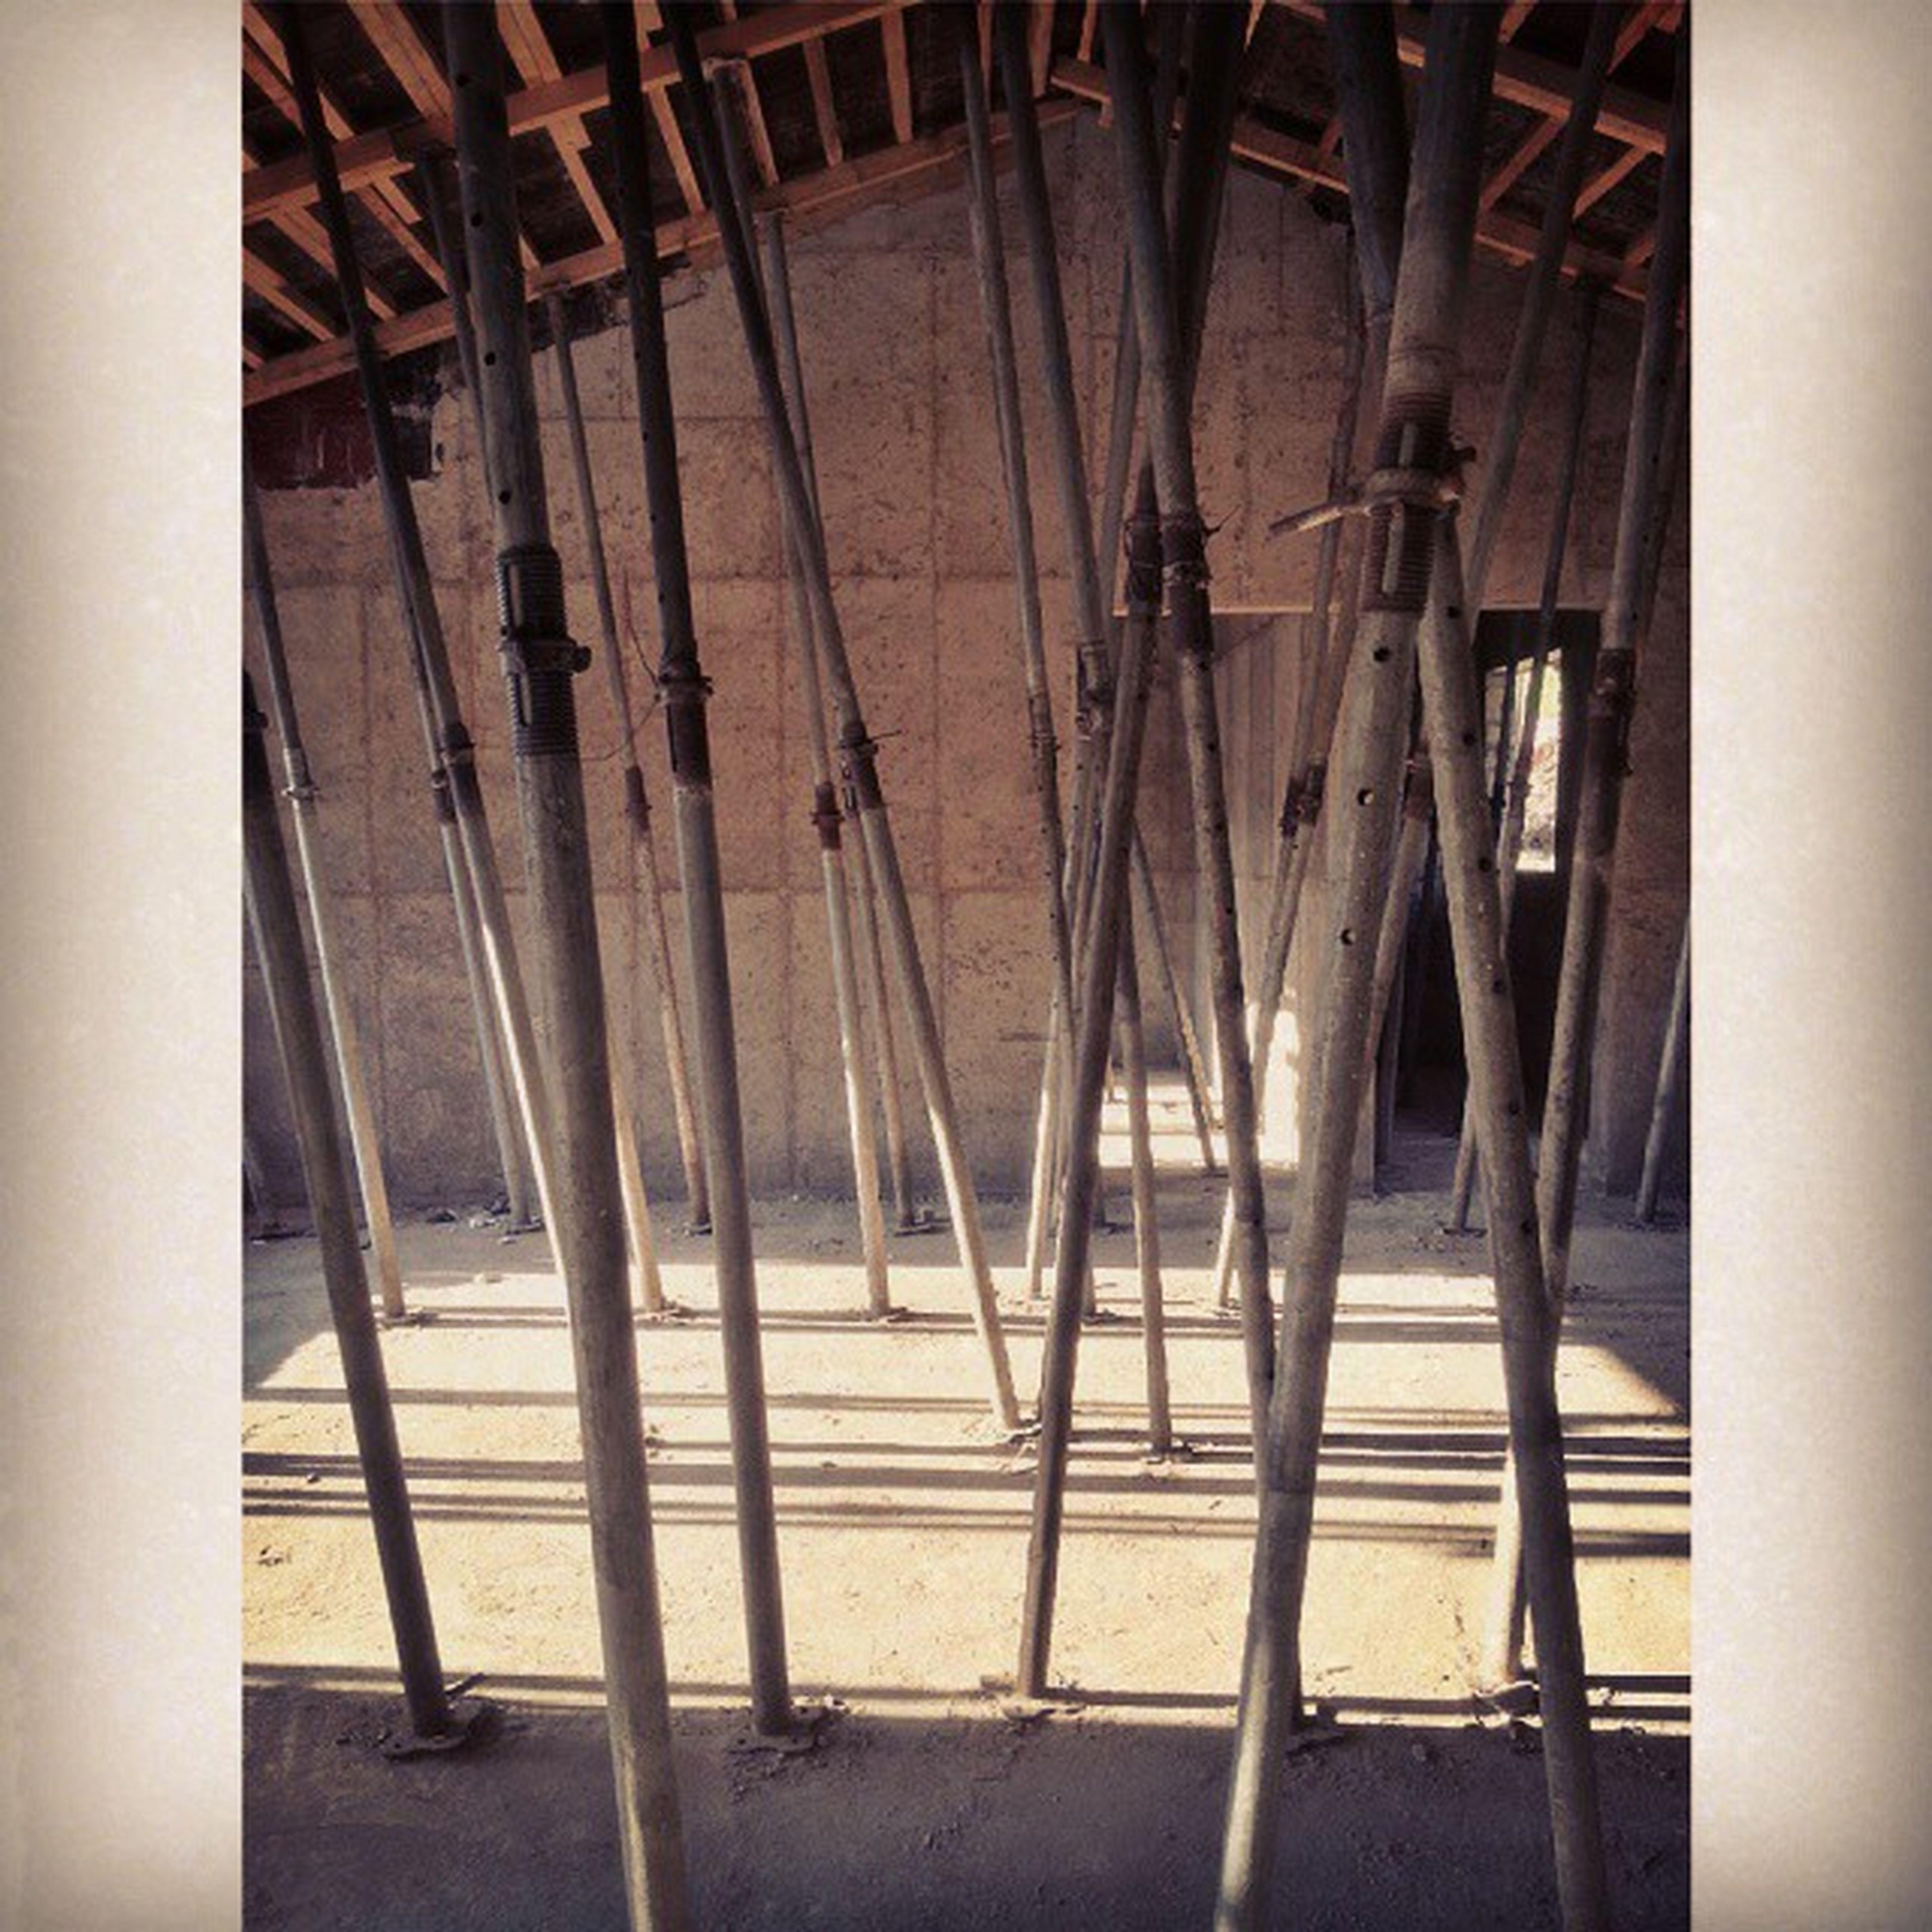 건축 설계 시공 현장 구조체 출장 산청 단독주택 거푸집 동바리 튼실하게 양생되어서 아늑한 집이 되거라/:~) (GALAXY S3)